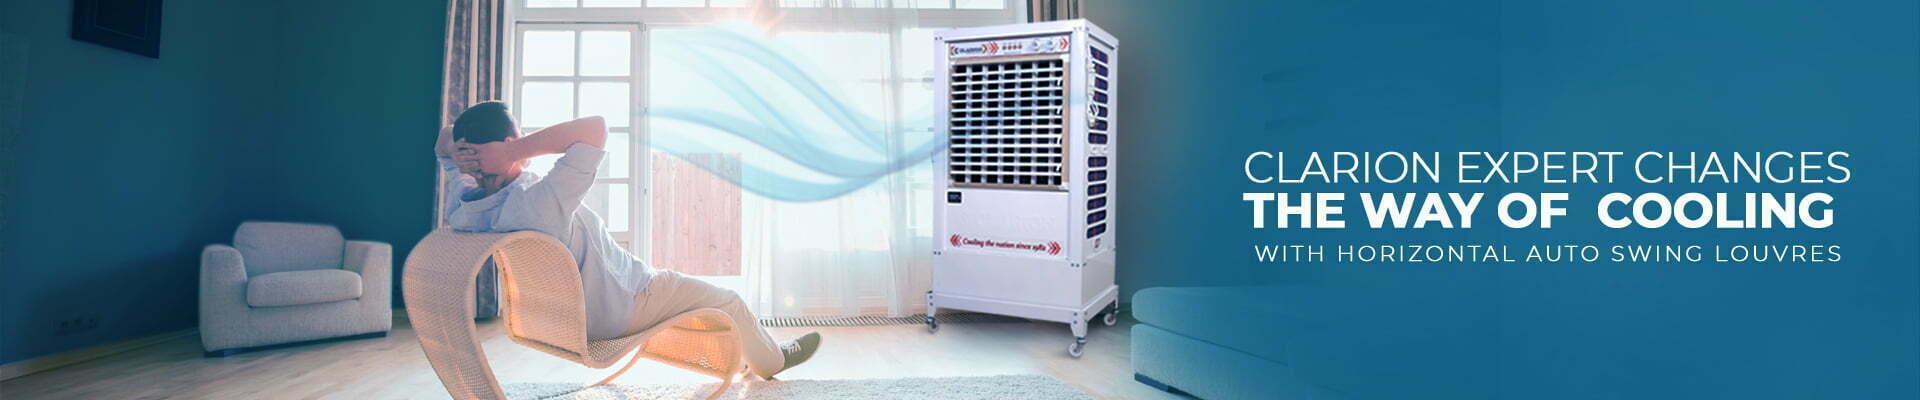 Expert Series Cooler